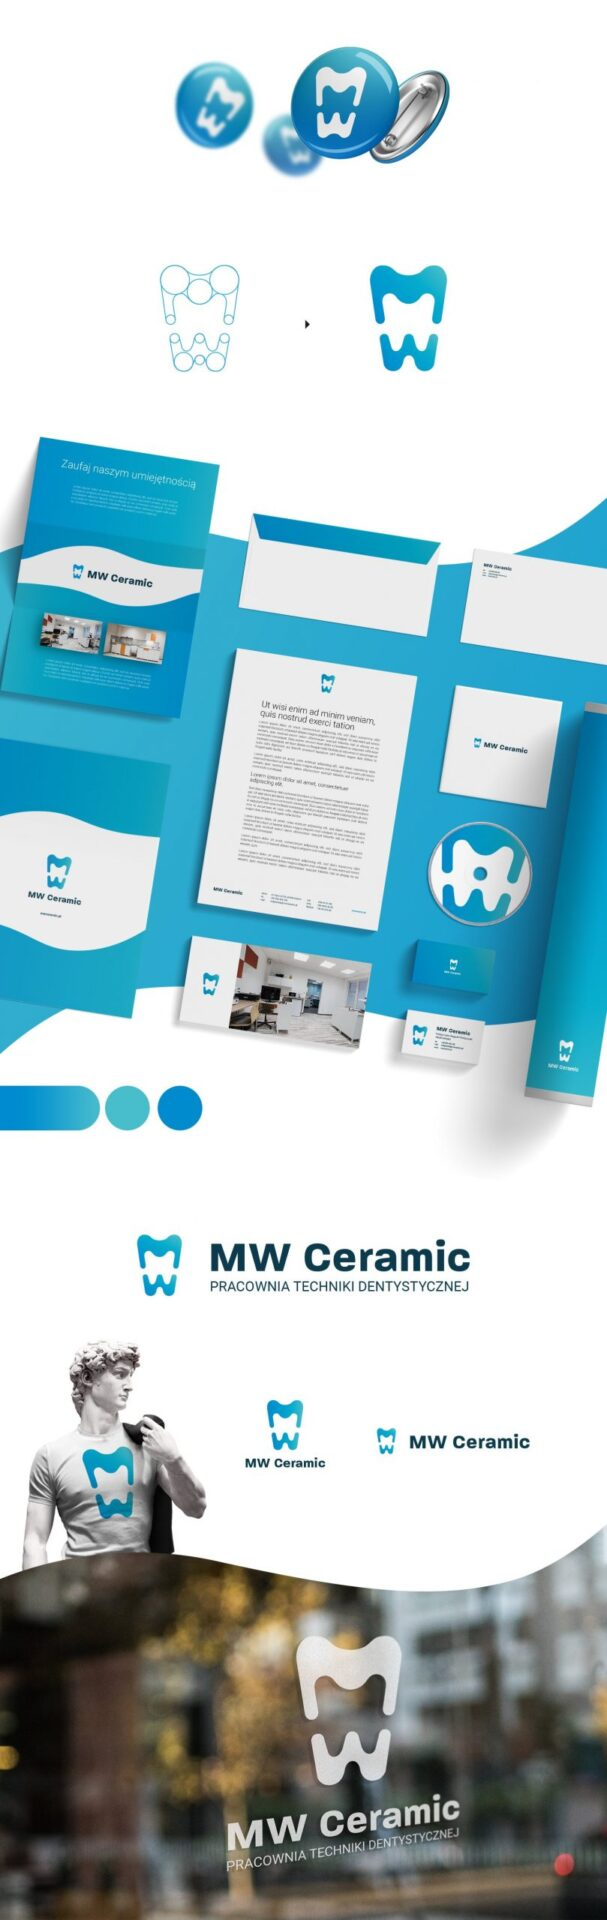 Identyfikacja-Wizualna-firmy-MW-Ceramic-Pracownia-Technik-Dentystycznych-w-Radomiu-prezentacja-scaled